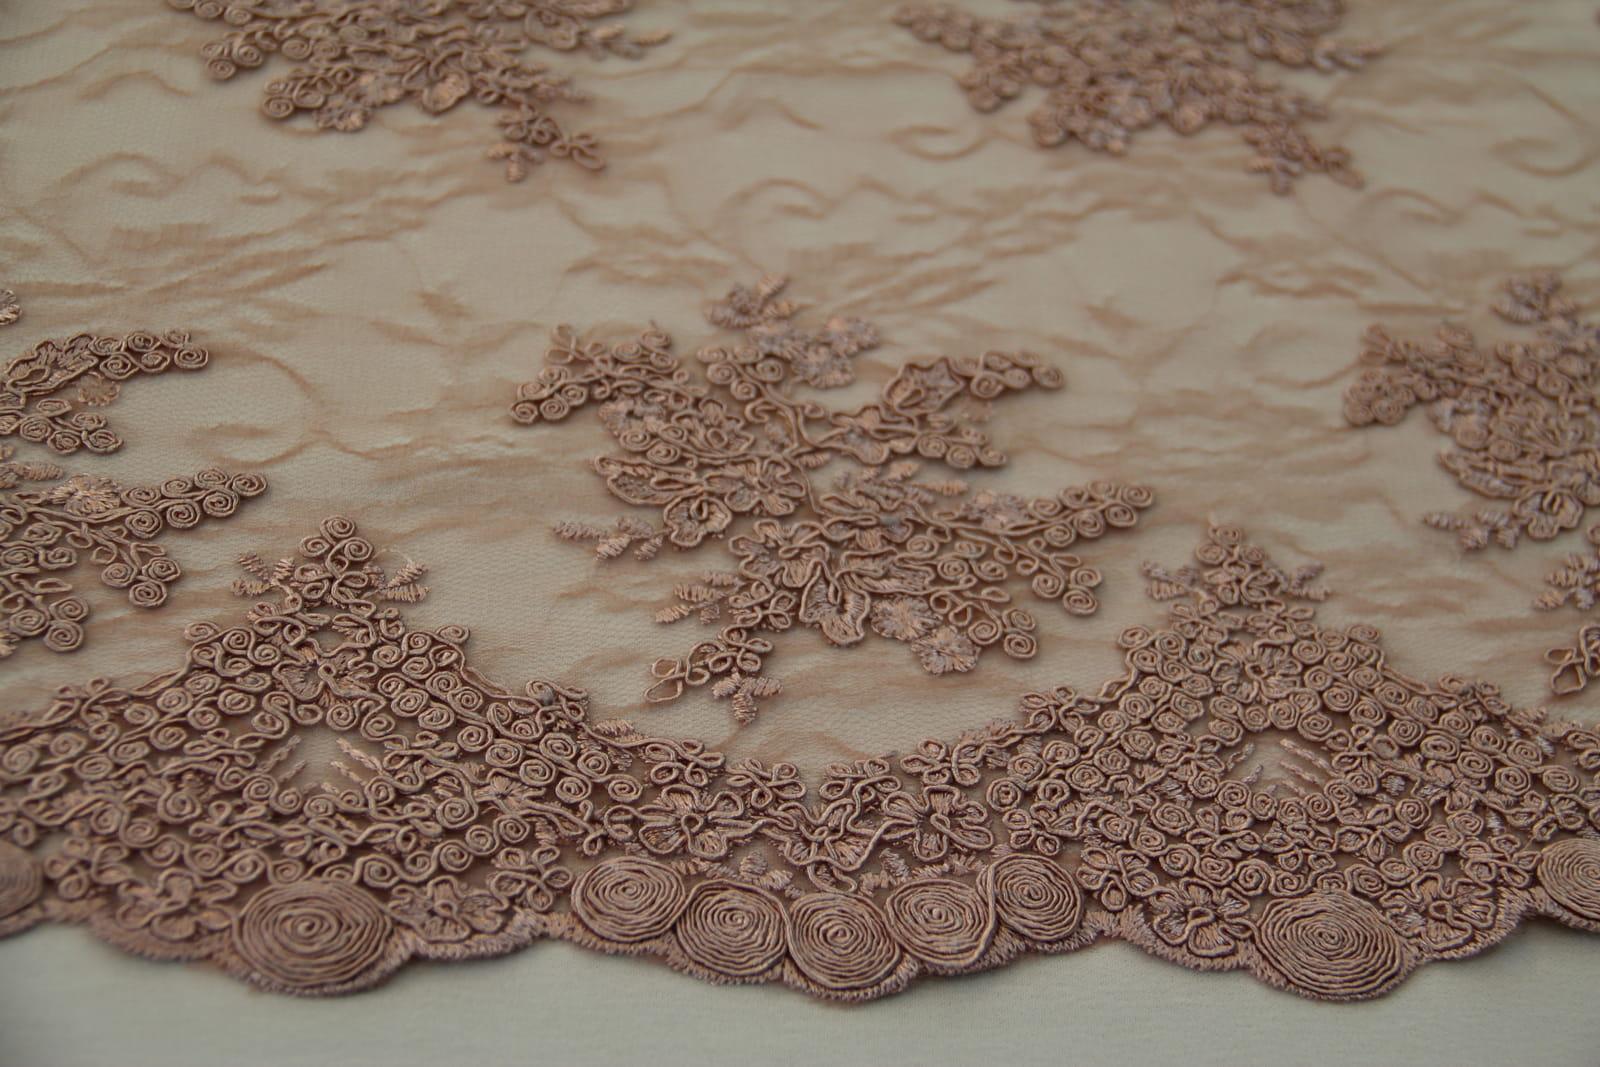 bb4a1cef347c Koronka gipiurowa wzór nr 1 - brudny róż z nutą beżu Textilmania